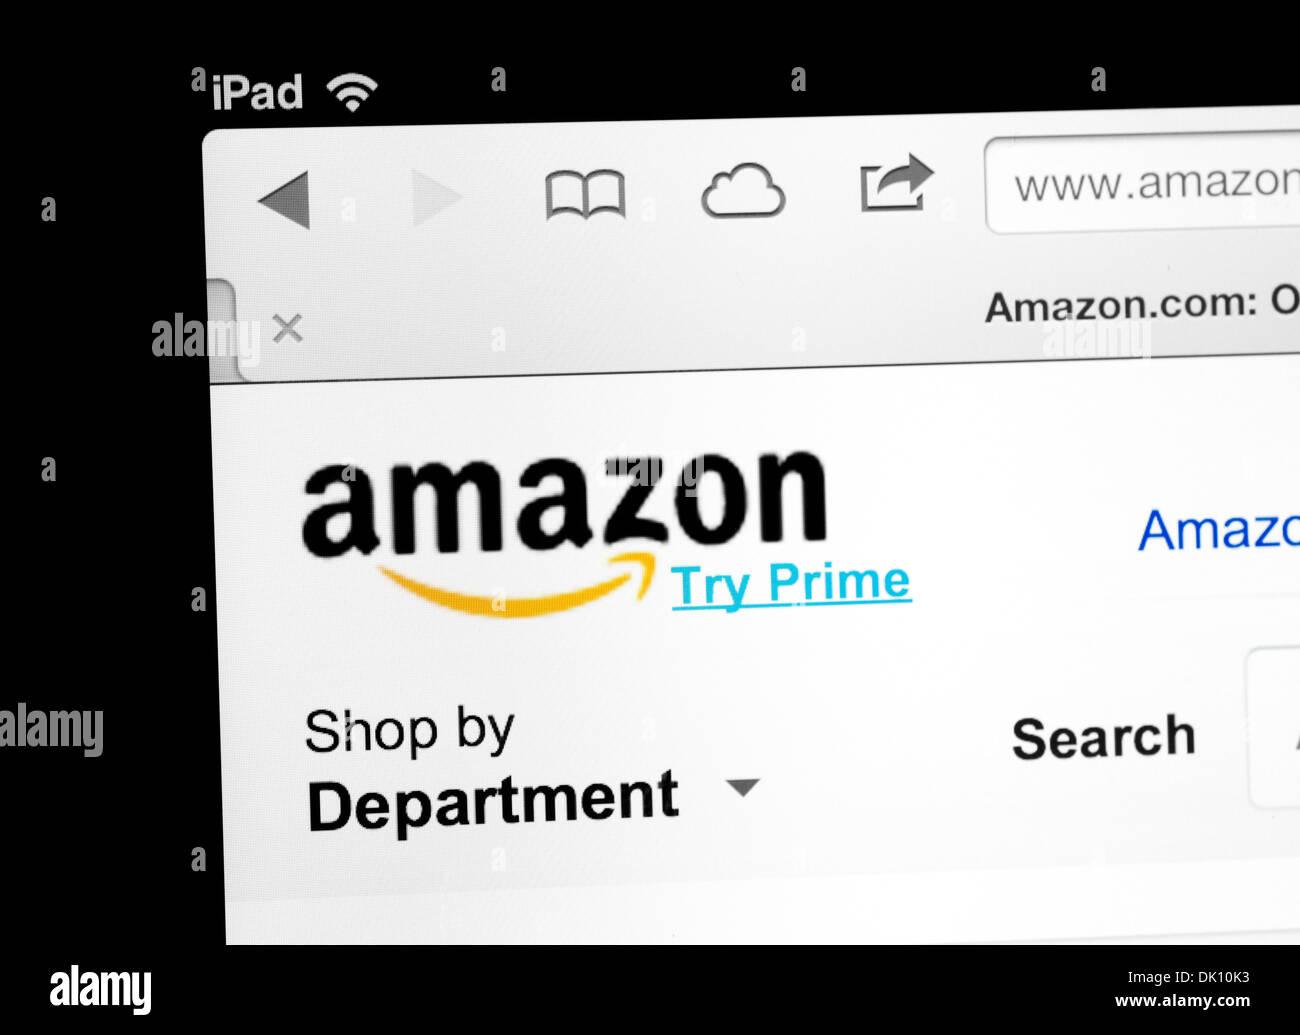 Ver sitio web Amazon.com en un iPad Imagen De Stock